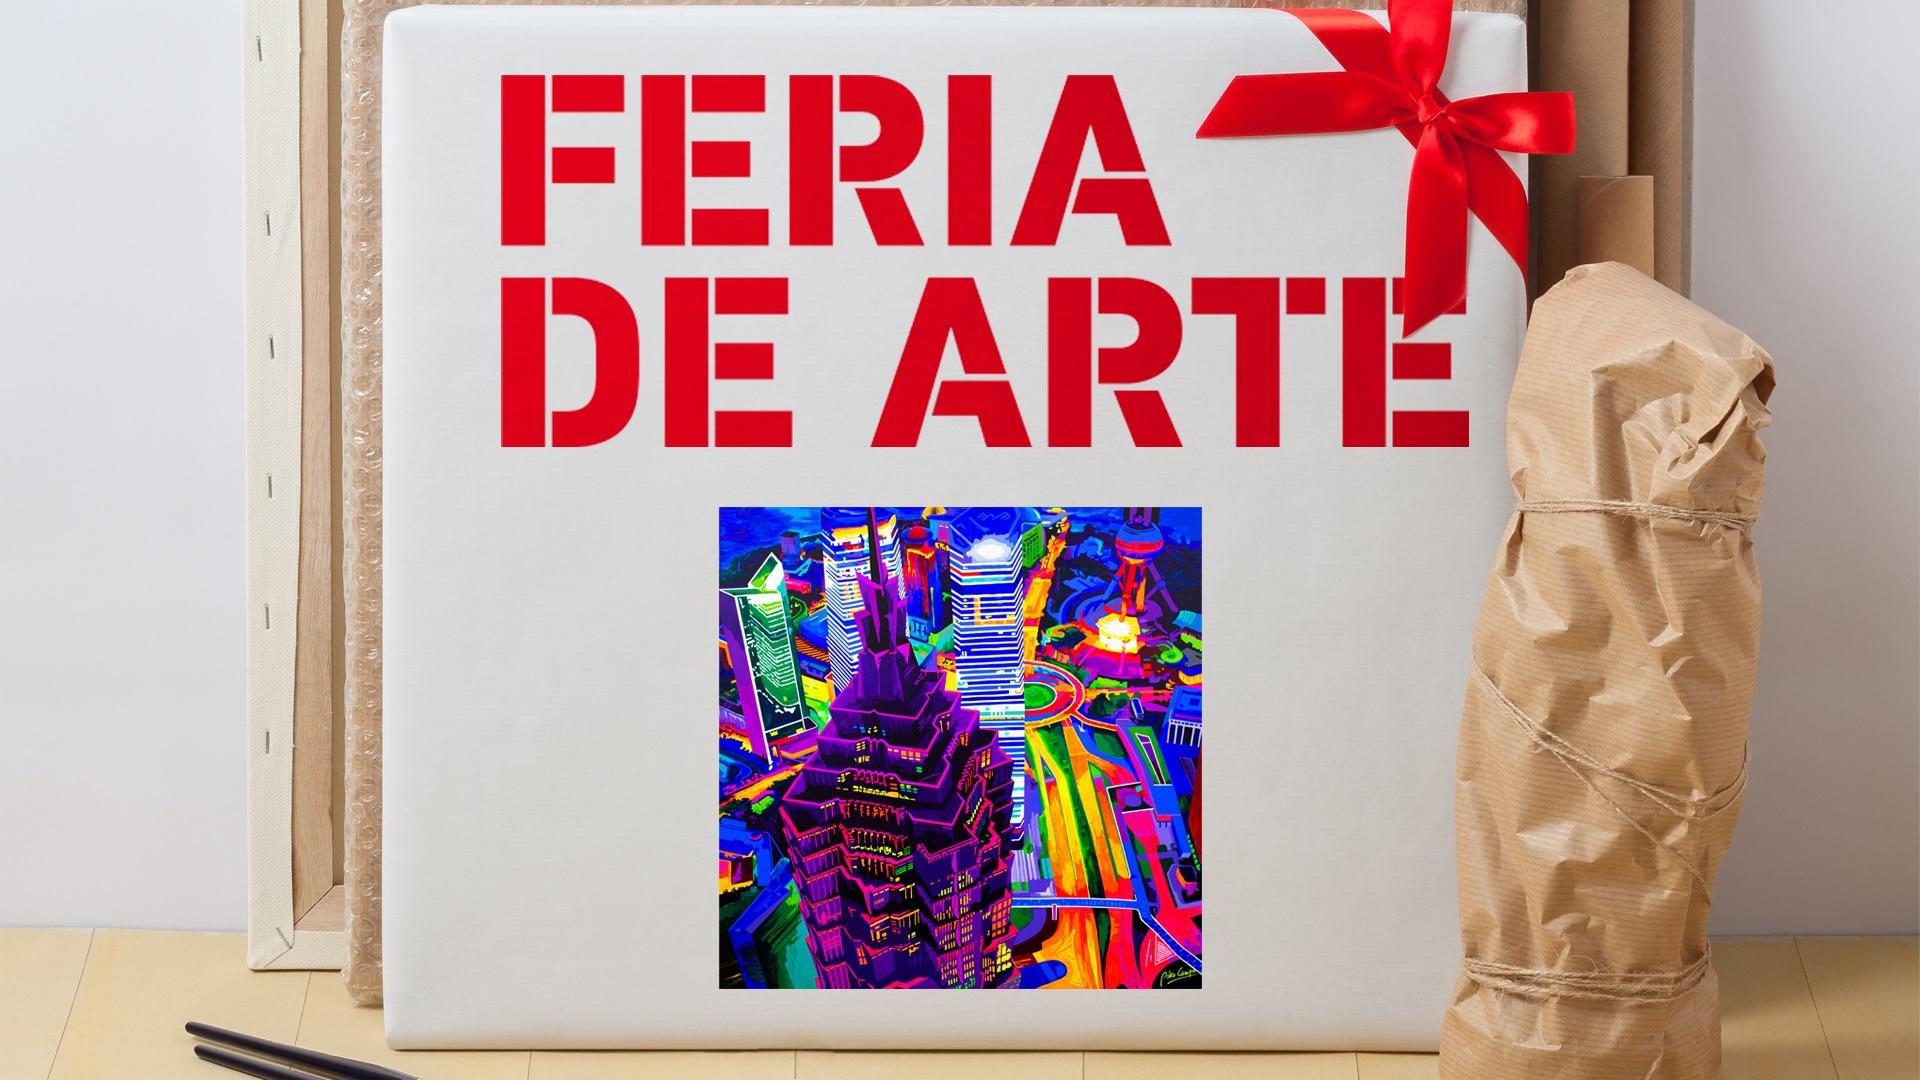 La ventana del arte. Feria de Arte 2019, 5 artistas en pequeño formato